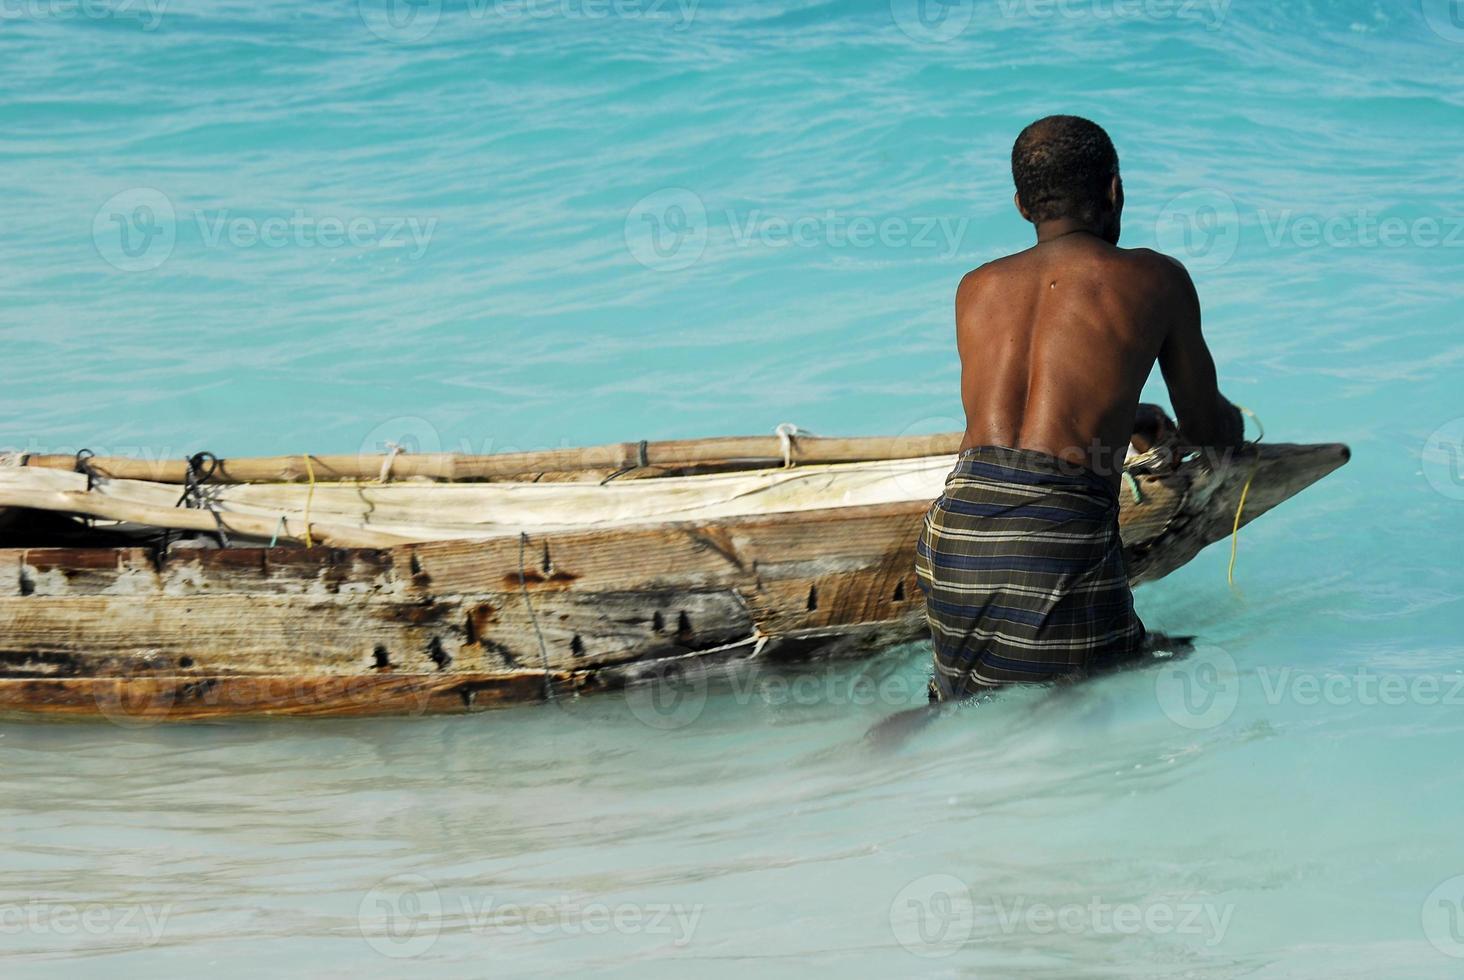 soluppgångfiske på den tropiska ön foto